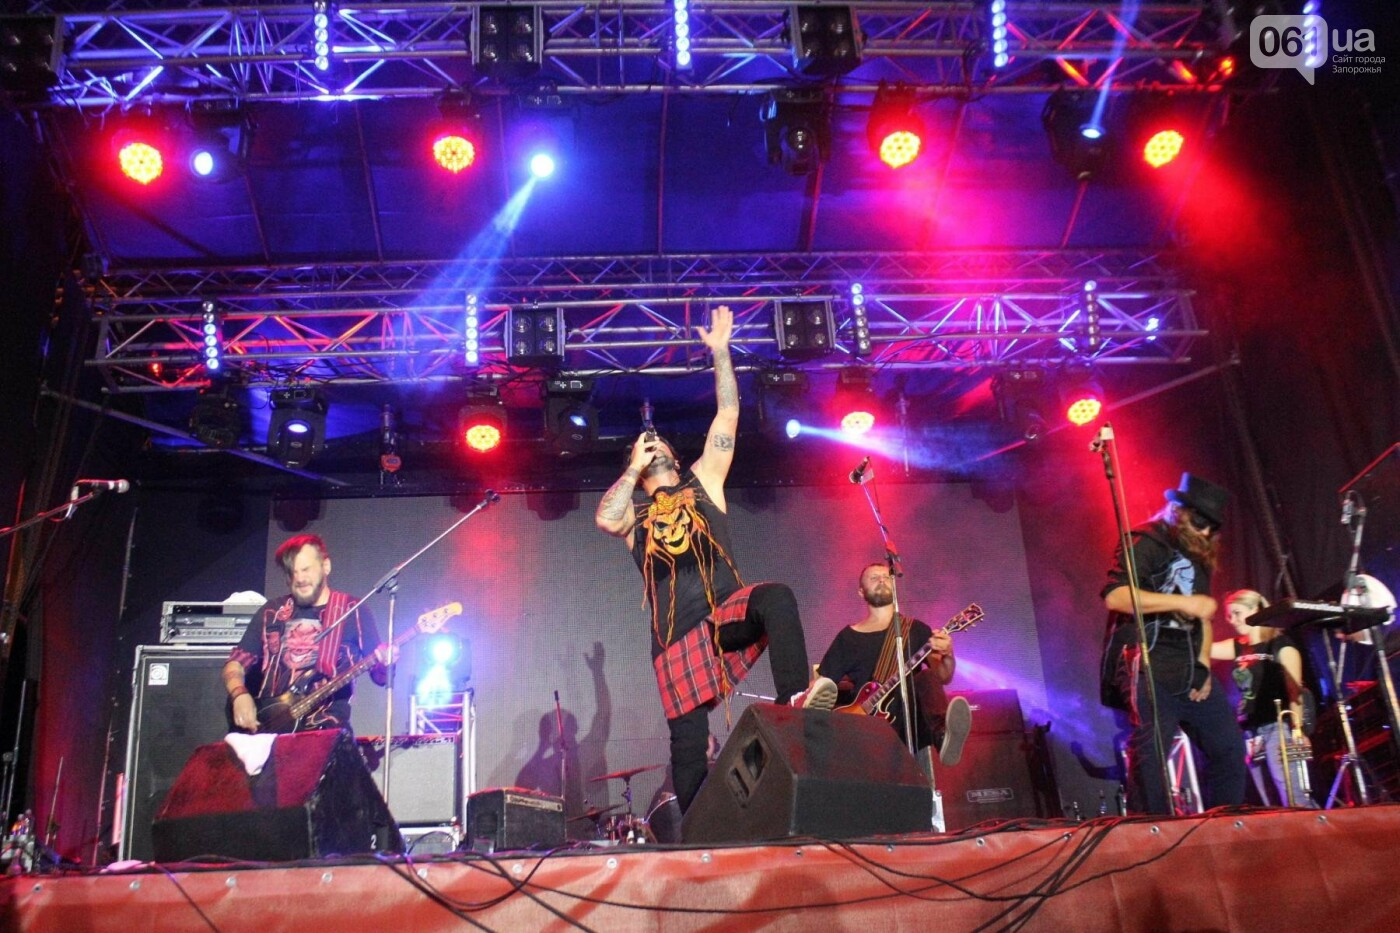 ONUKA, Kozak System и Мария Чайковская: первый день фестиваля Khortytsia Freedom, – ФОТОРЕПОРТАЖ, фото-38